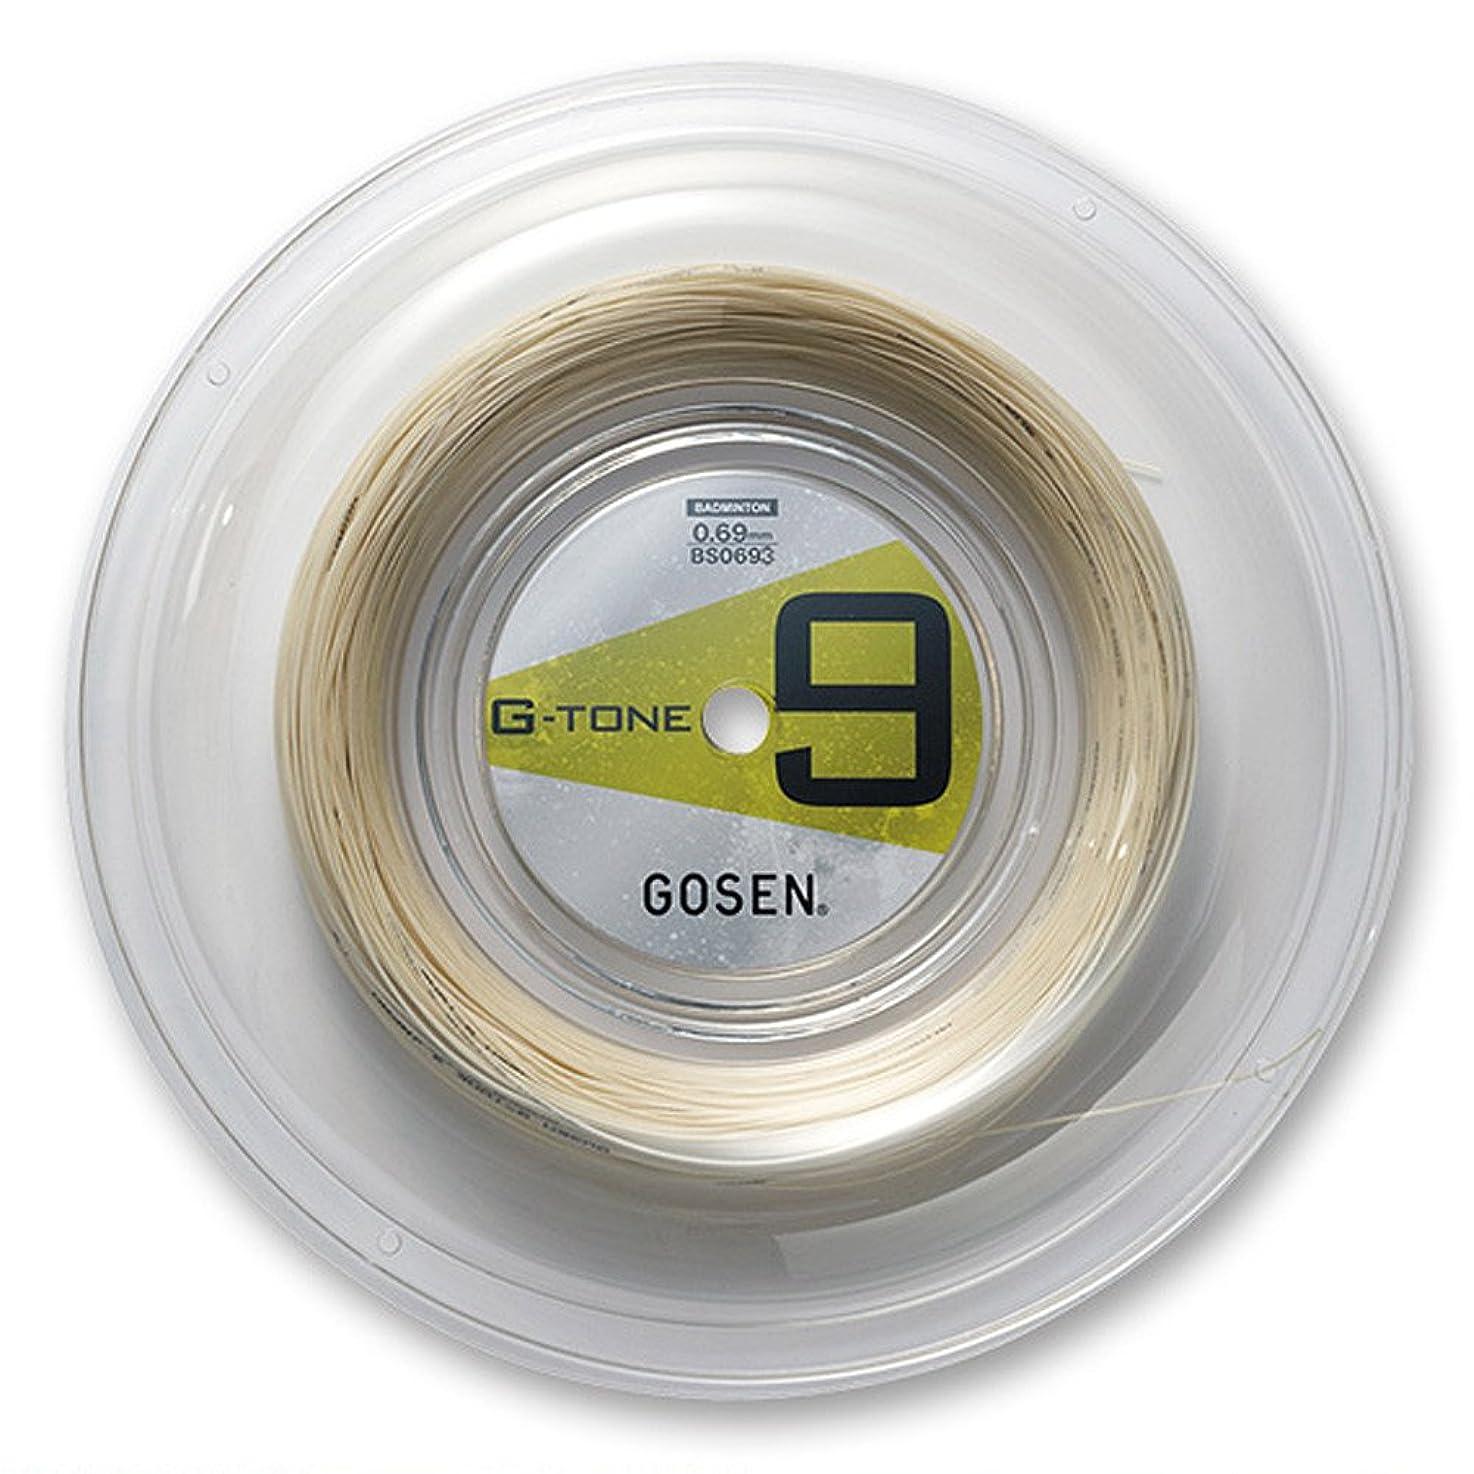 ノイズ季節リマゴーセン(GOSEN) バドミントンストリング G-TONE 9 220m ロール ナチュラル G-BS0693-NA